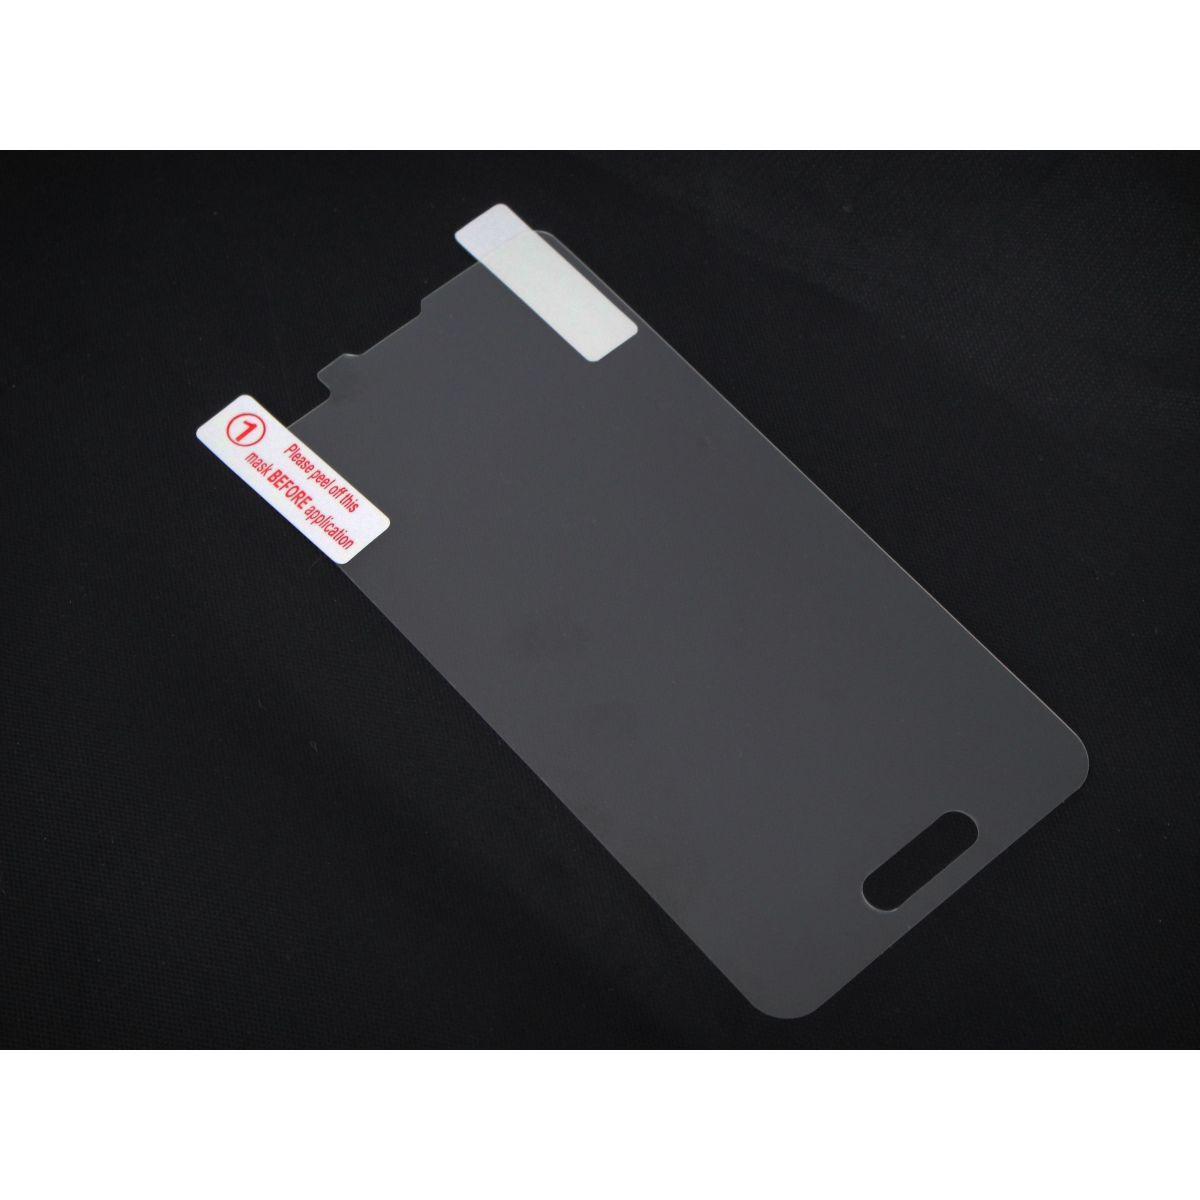 Película Protetora para LG Optimus F3 D300 - Fosca